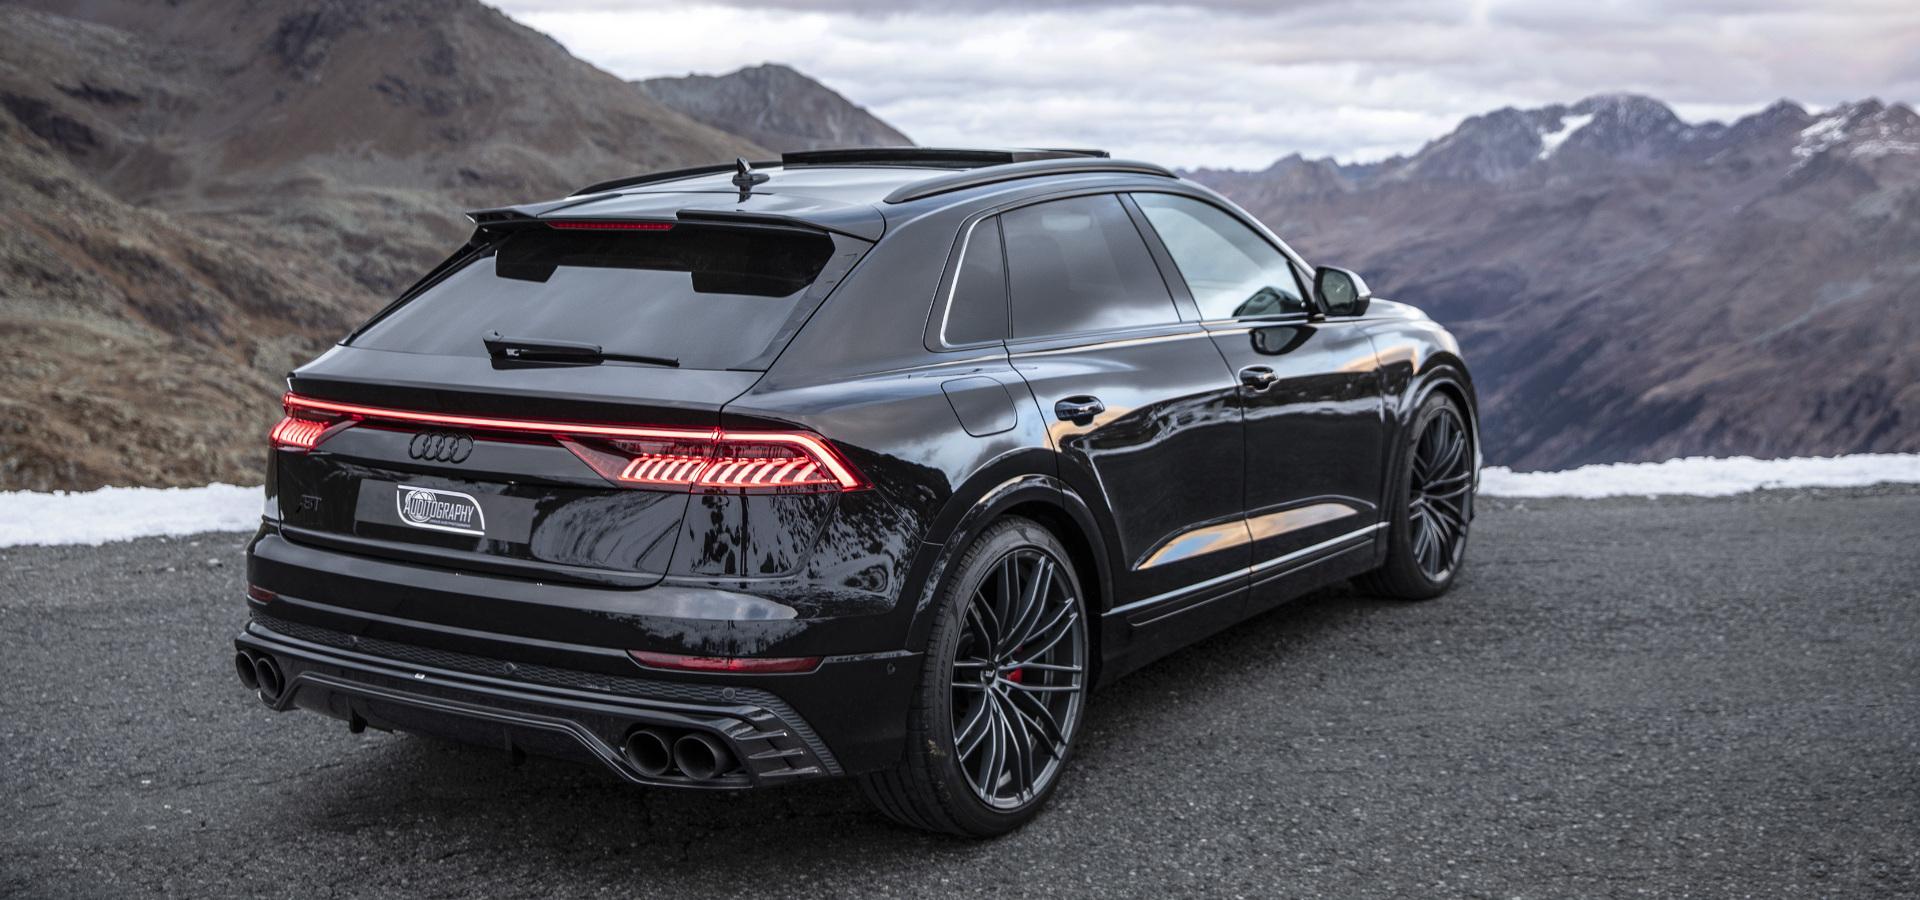 Kelebihan Kekurangan Audi Sq8 Tangguh